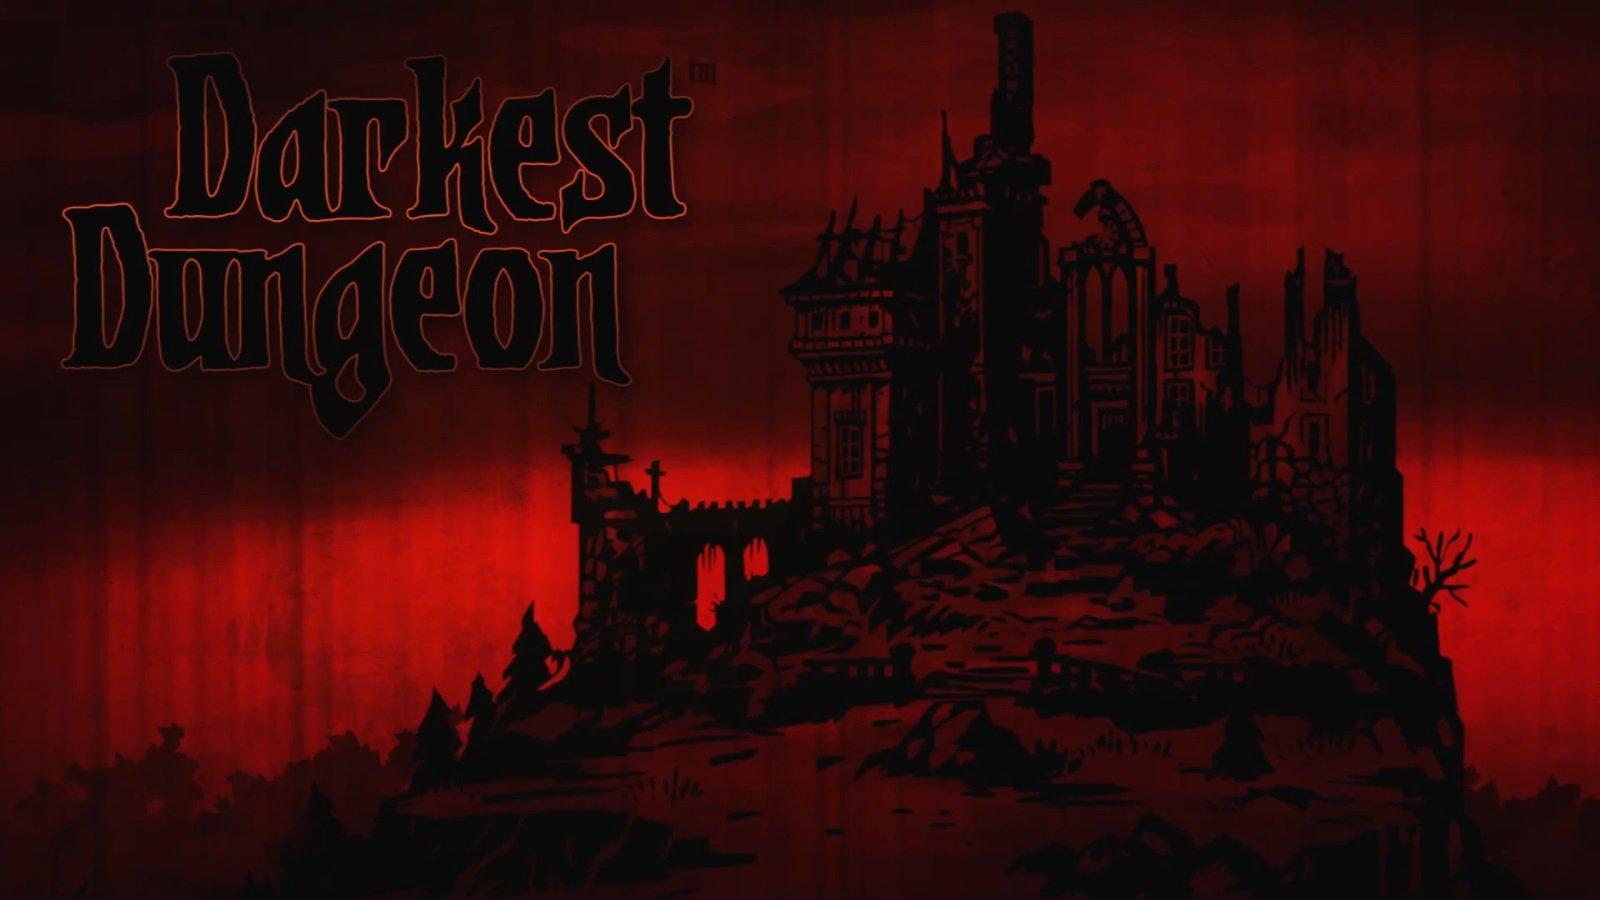 """Darkest Dungeon - правильная RPG про """"вомгле"""" - Изображение 1"""